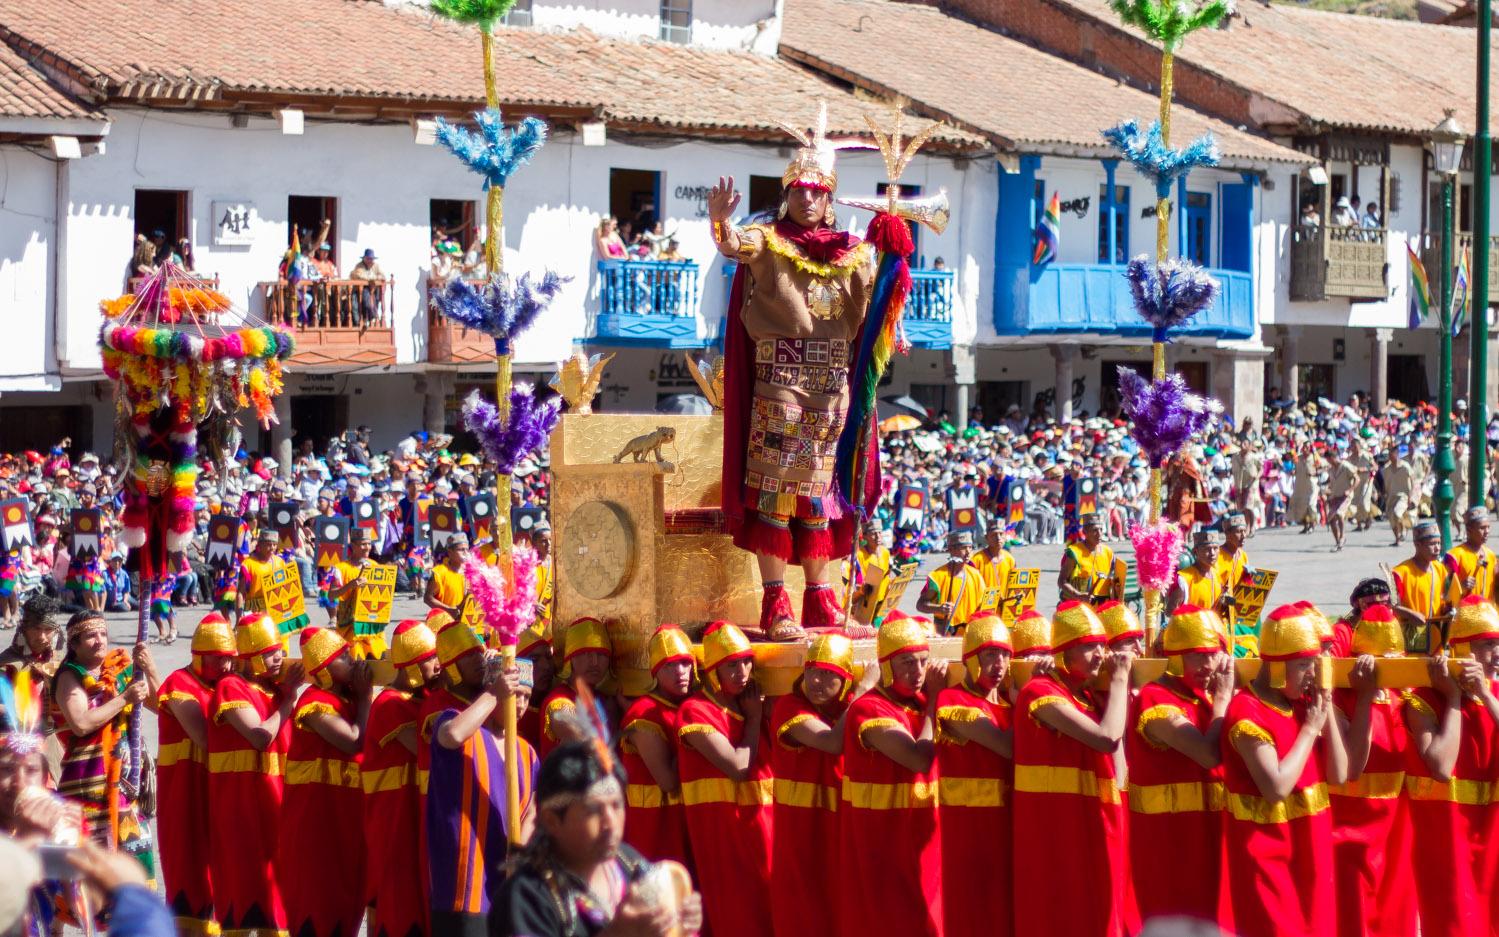 Christian-Schaffer-Peru-Cusco-Festival-006.jpg